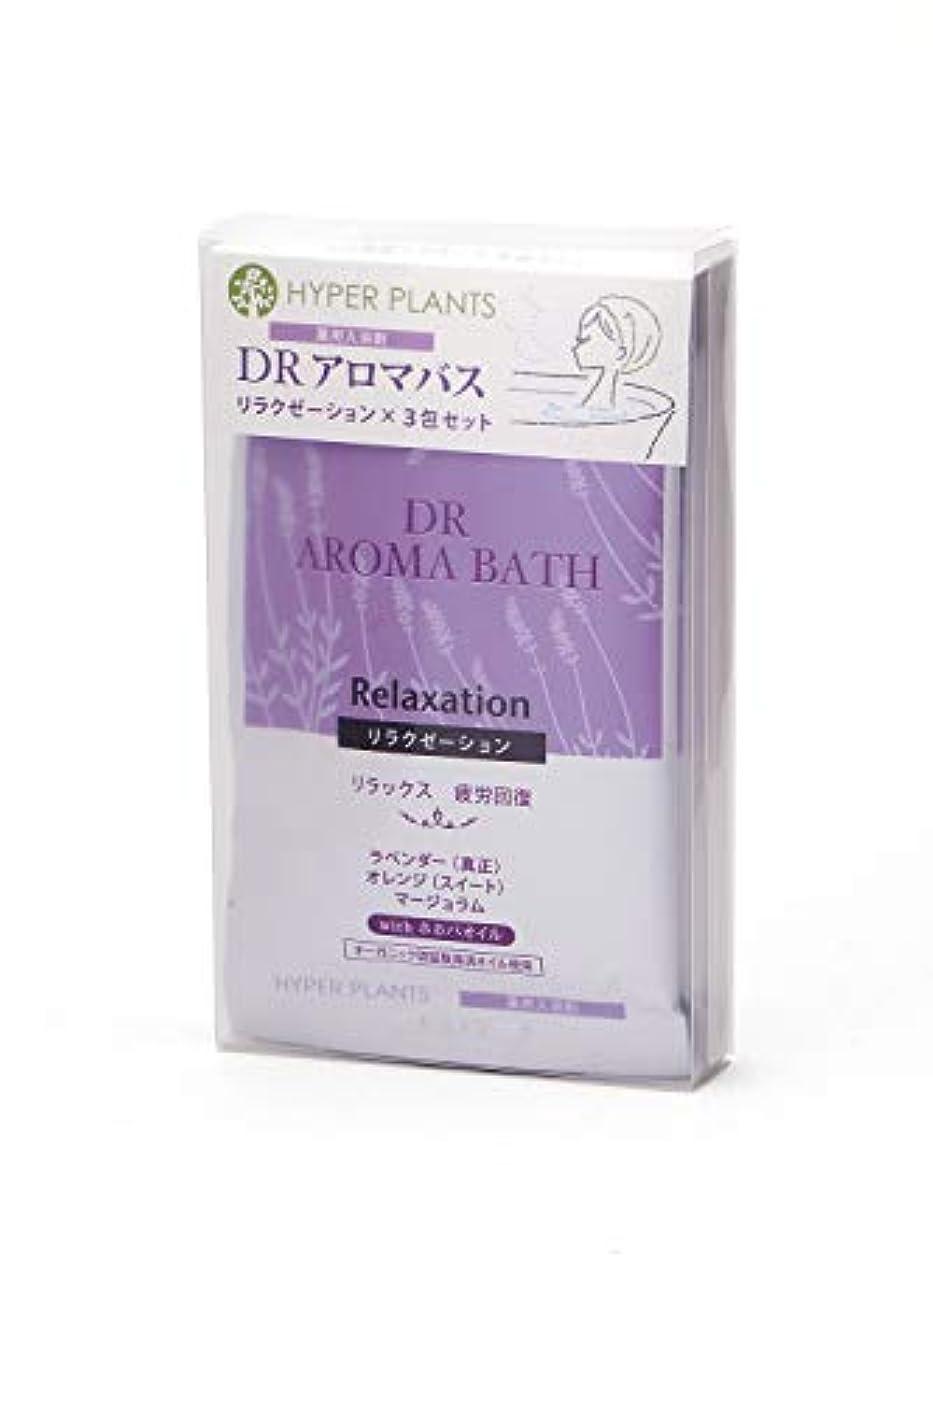 医薬部外品 薬用入浴剤 ハイパープランツ DRアロマバス リラクゼーション 3包セット